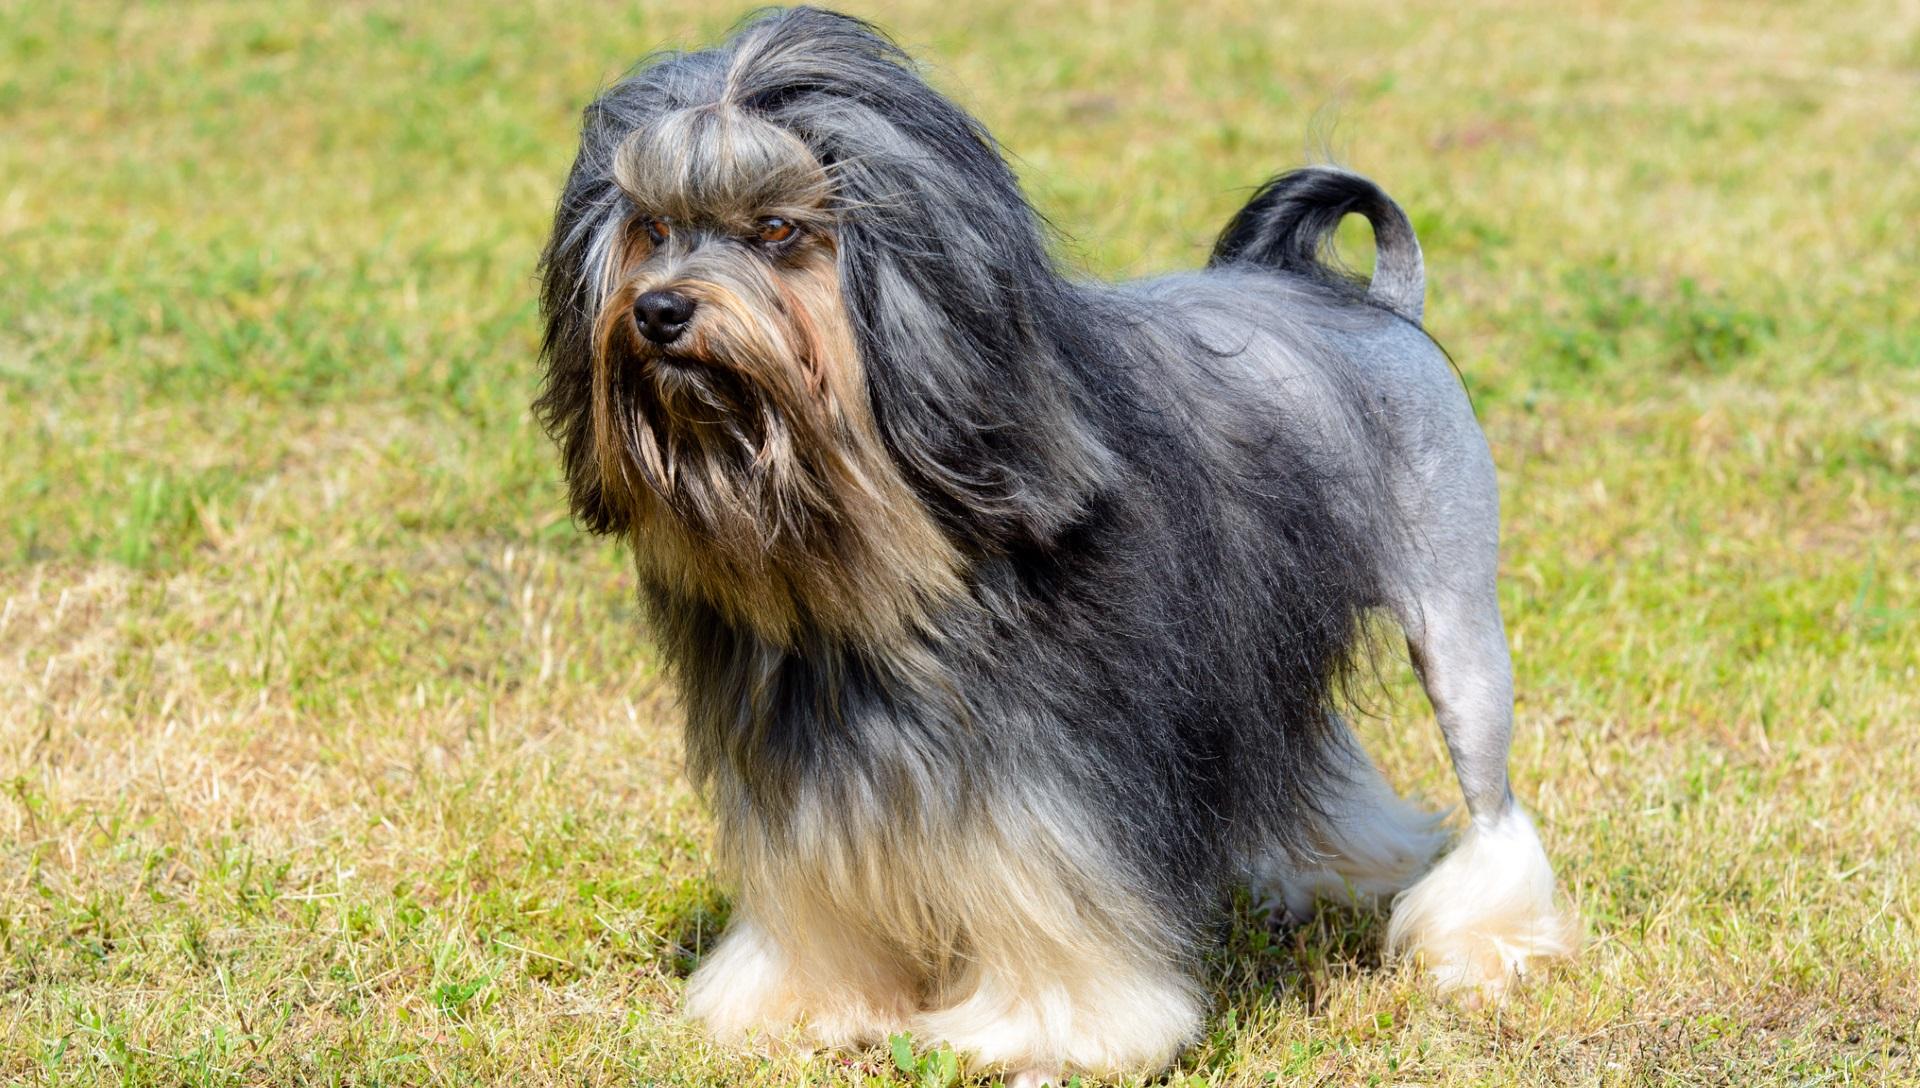 <p><strong>Лъвско куче</strong></p>  <p>Това куче е известно като малко куче-лъв в Американския киноложки клуб за неспортни кучета. Една от най-редките и уникални породи кучета в света. всяка година в света новите екземпляри са не повече от няколко стотин. Цената на кутре от тази порода е минимум 7000 долара.</p>